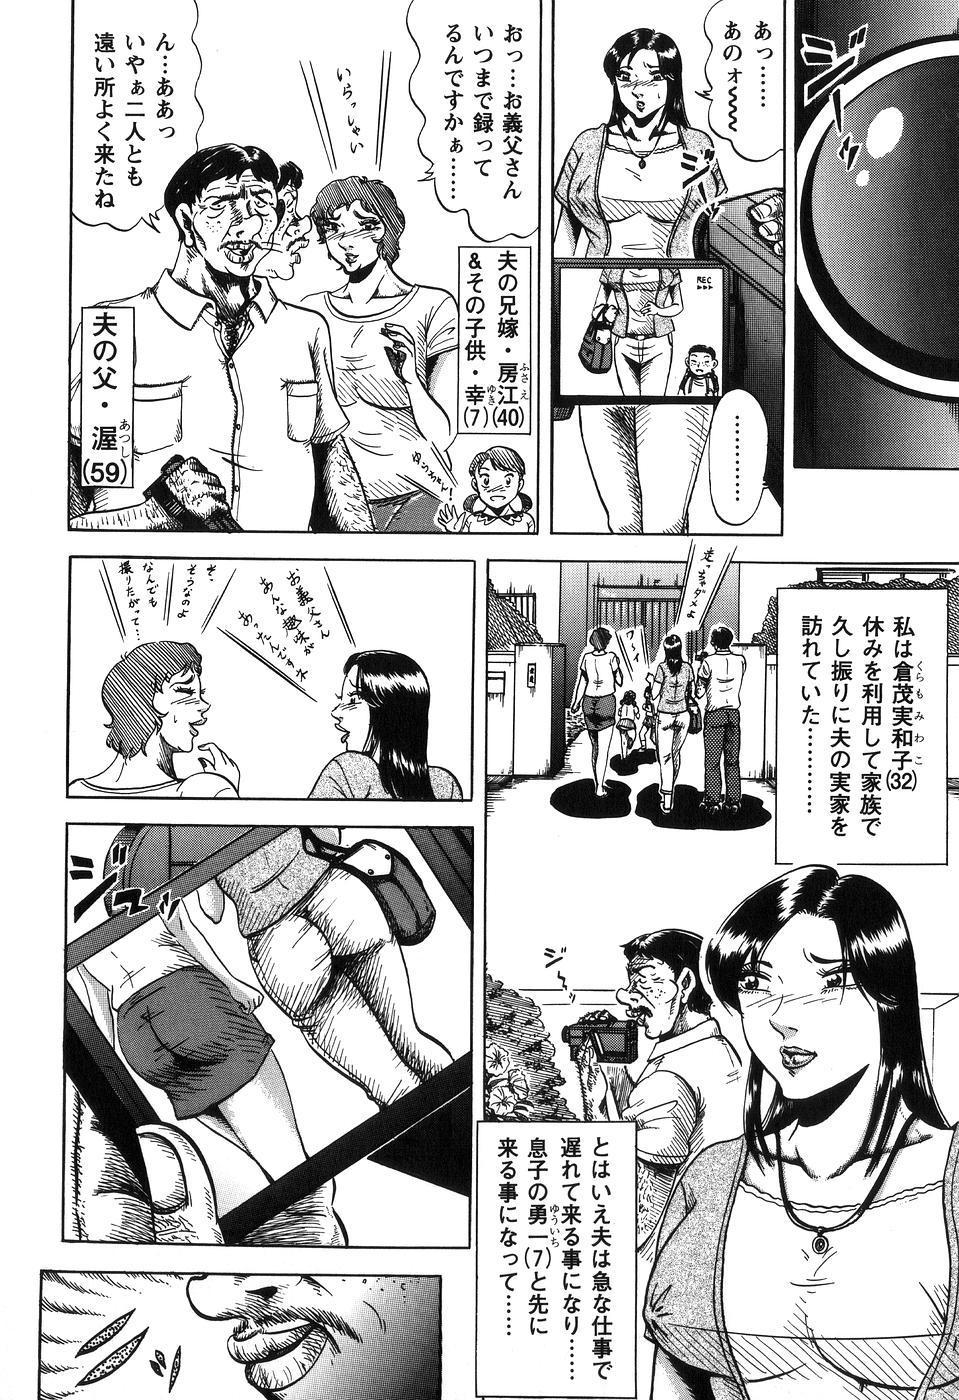 Jukubo Soukan Yosoji no Tawamure 55